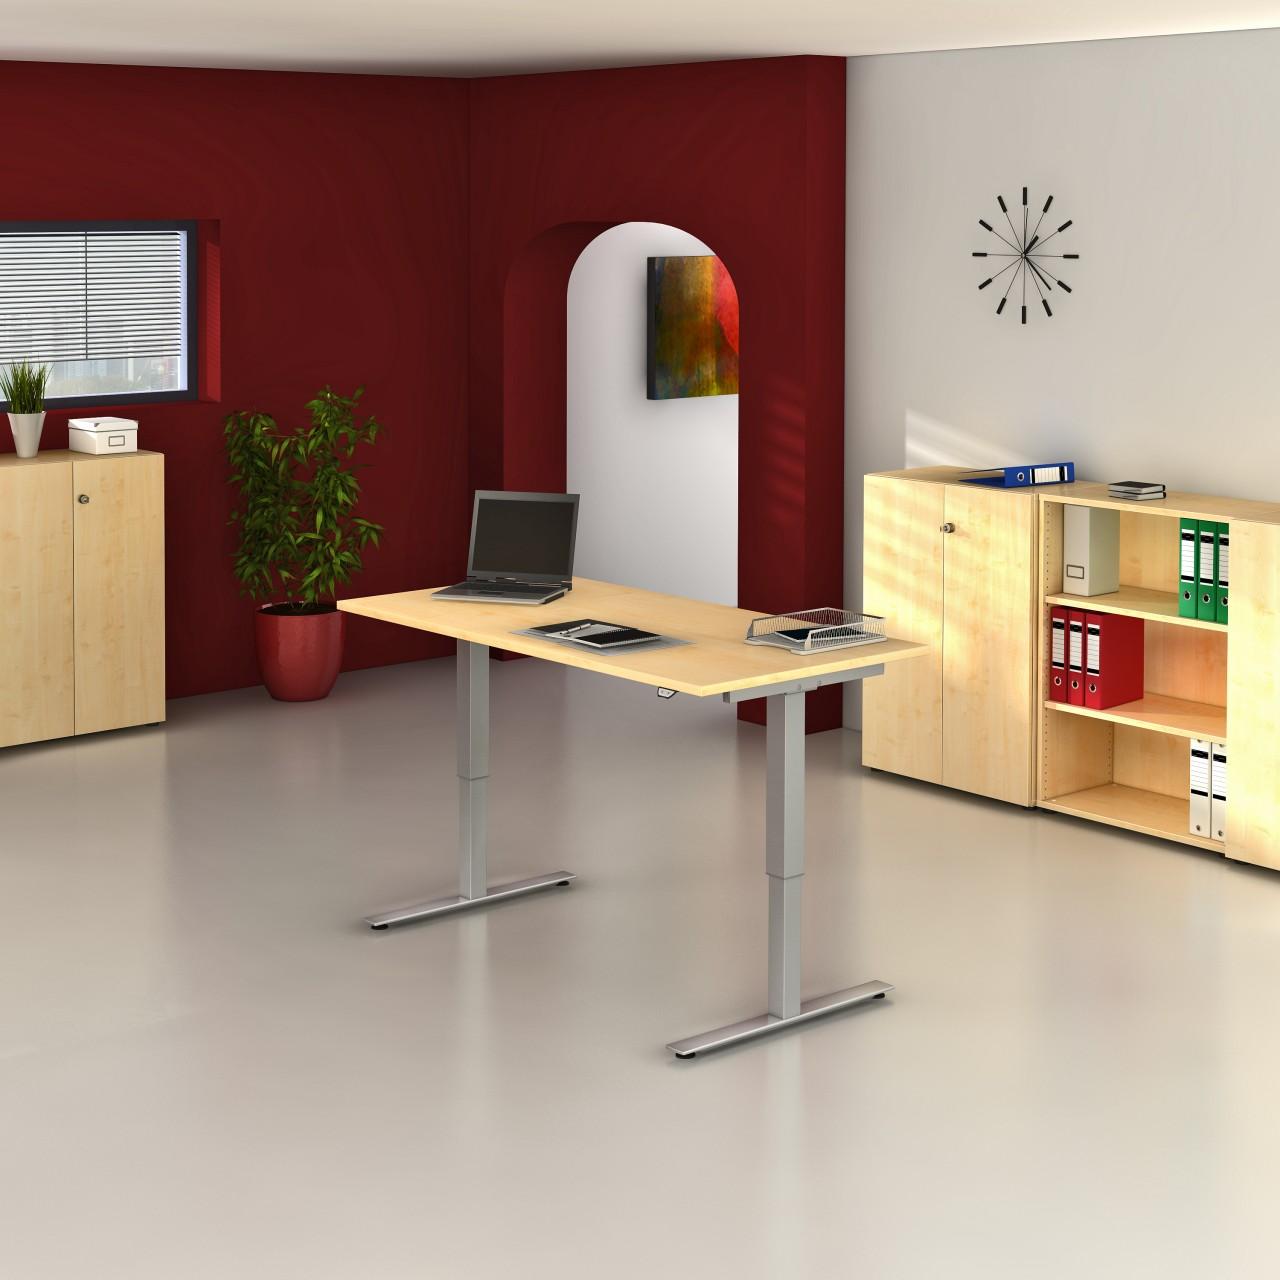 bureau assis debout lectrique down up achat bureaux r glables en hauteur 849 00. Black Bedroom Furniture Sets. Home Design Ideas